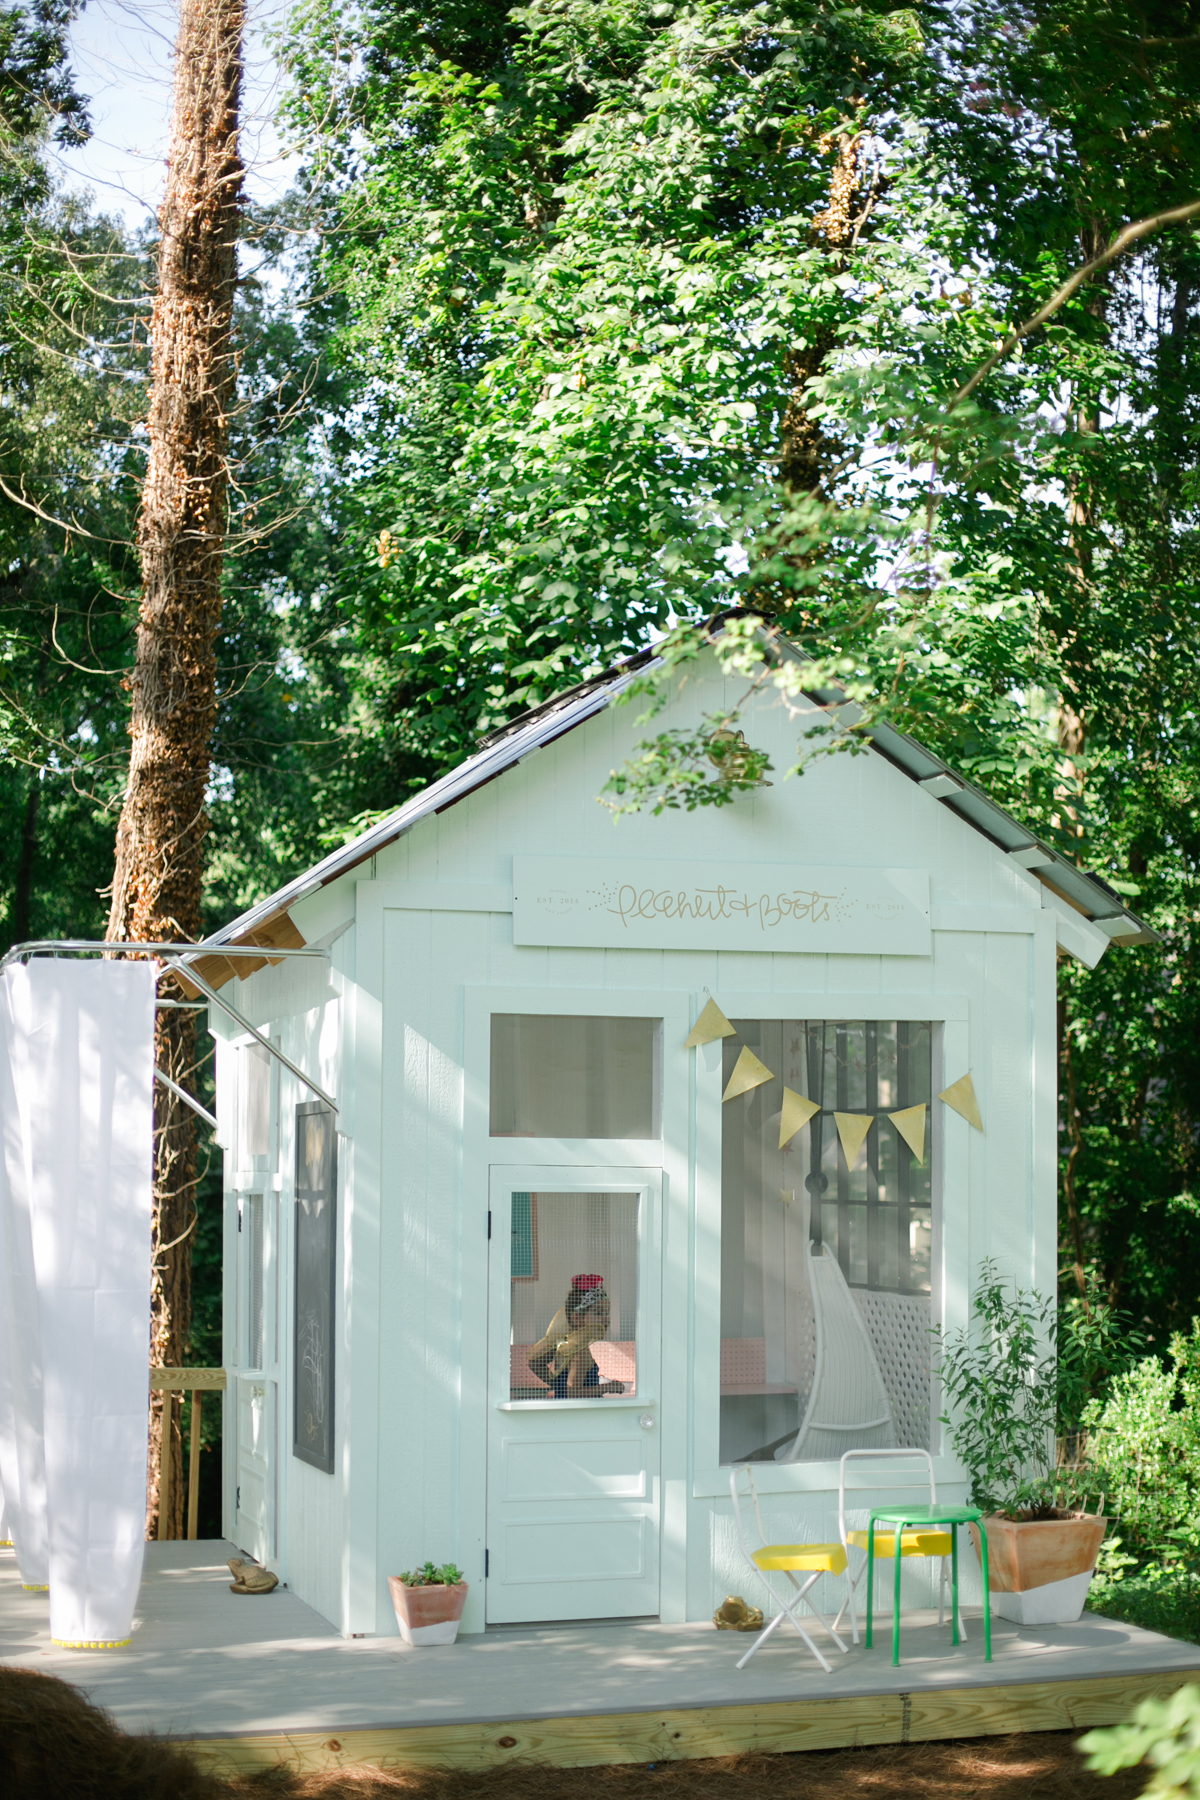 Van goedkoop tuinhuisje naar ideaal speelhuis in de tuin!